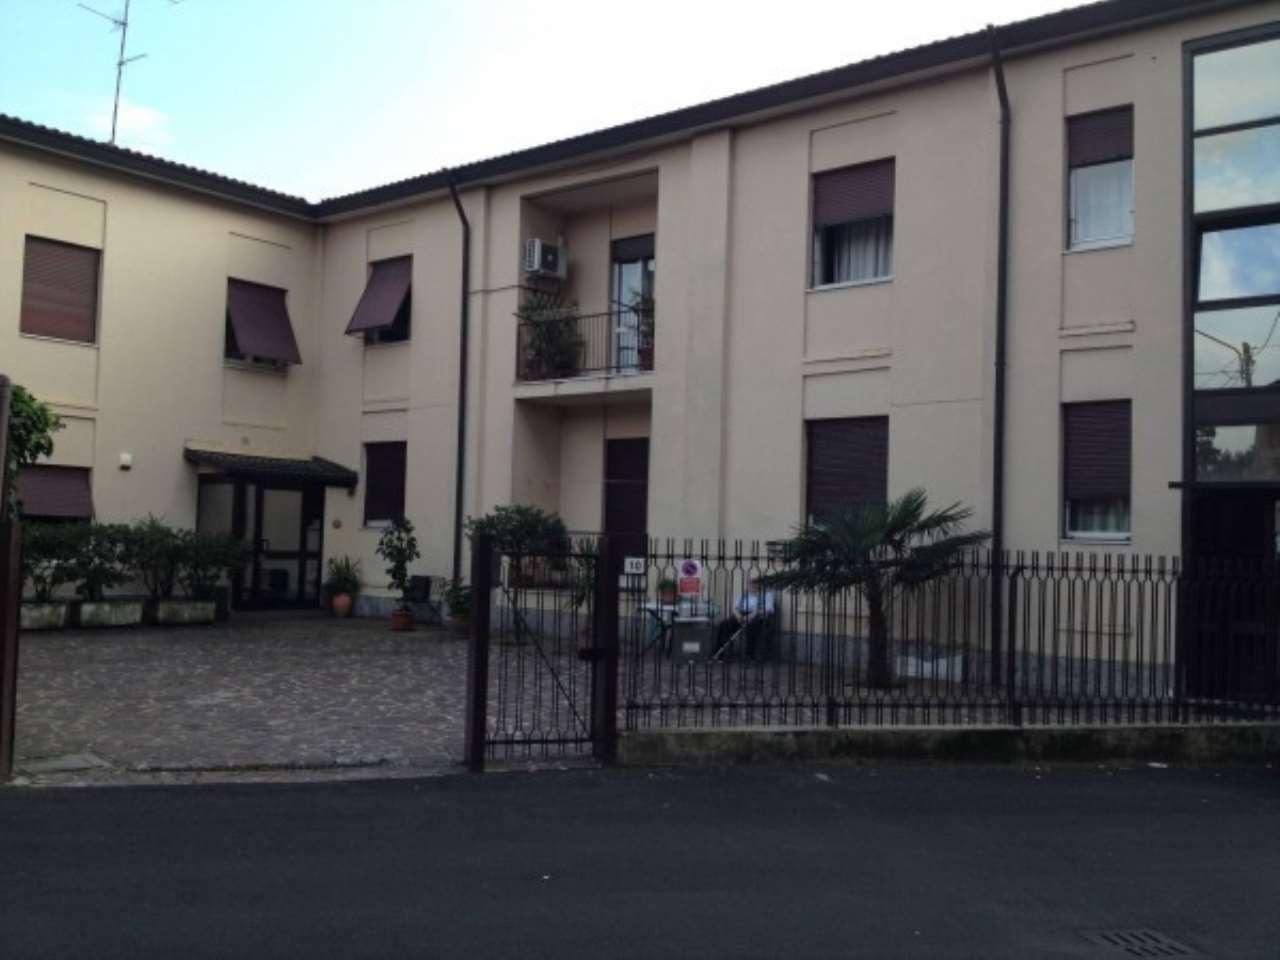 Appartamento in vendita a Concorezzo, 6 locali, prezzo € 650.000 | Cambio Casa.it